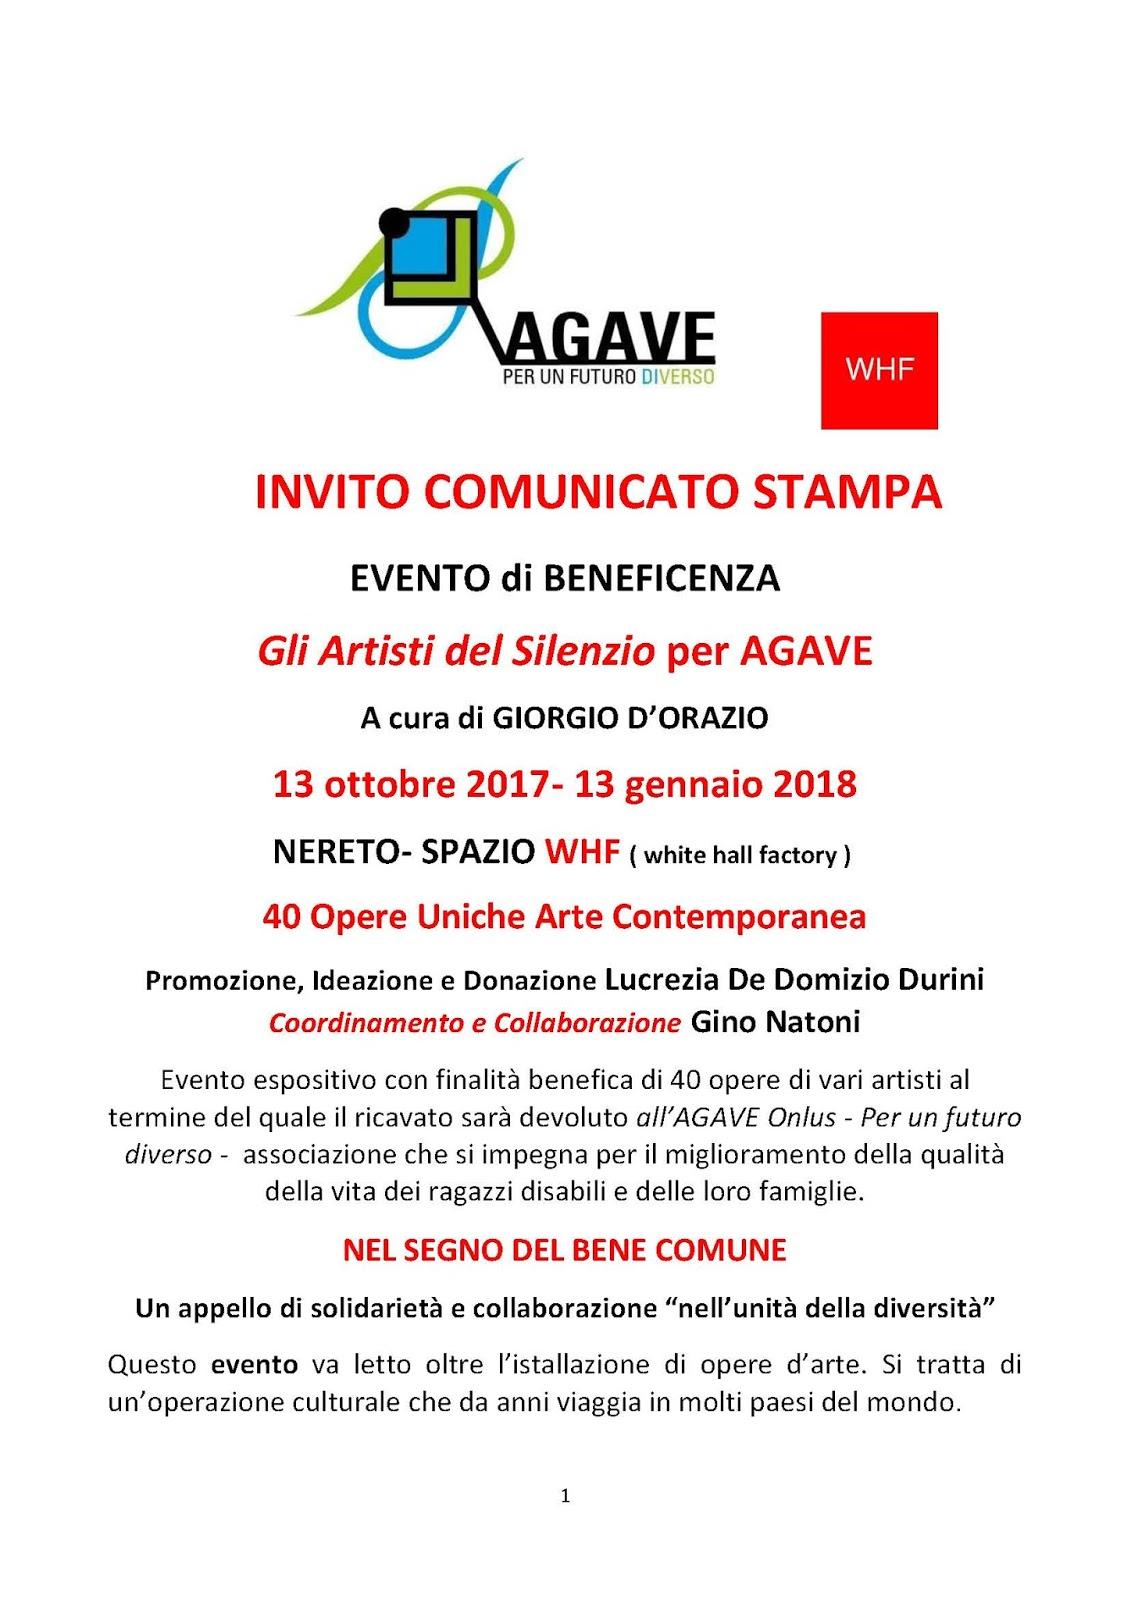 Exceptionnel SACSmostre: Gli Artisti del Silenzio per AGAVE - 13 ottobre 2017  FO71